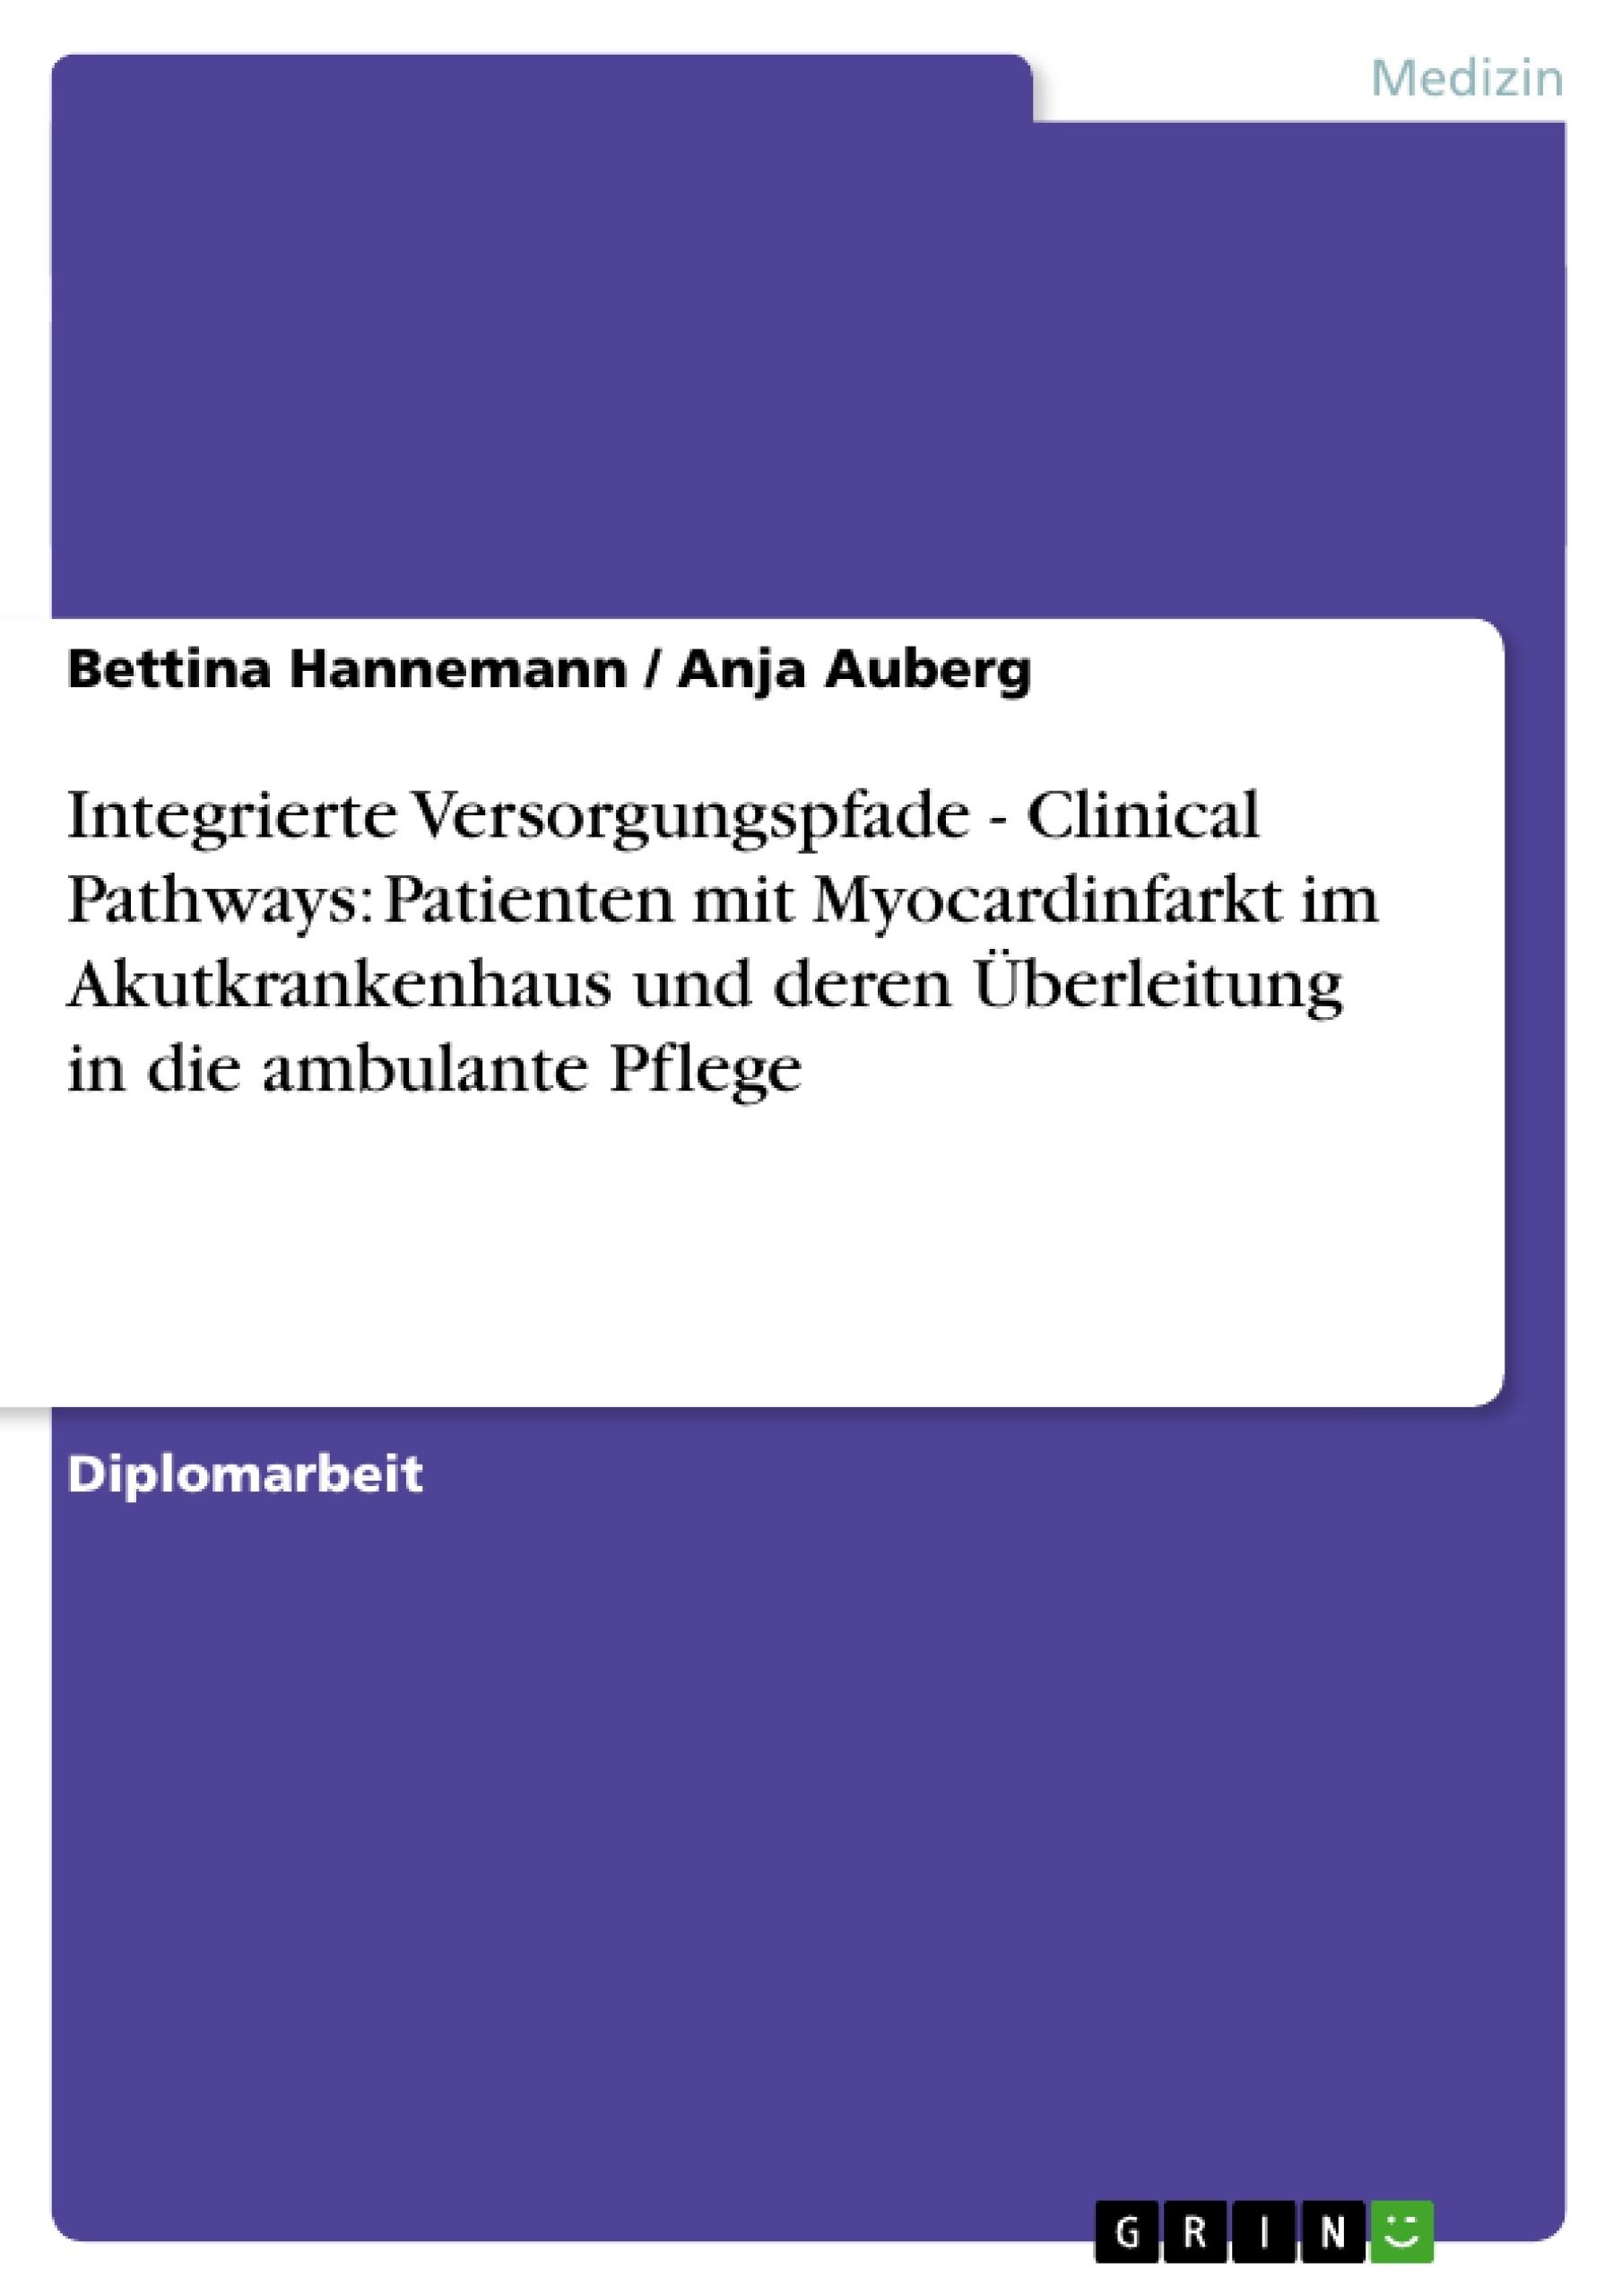 Titel: Integrierte Versorgungspfade - Clinical Pathways: Patienten mit Myocardinfarkt im Akutkrankenhaus und deren Überleitung in die ambulante Pflege